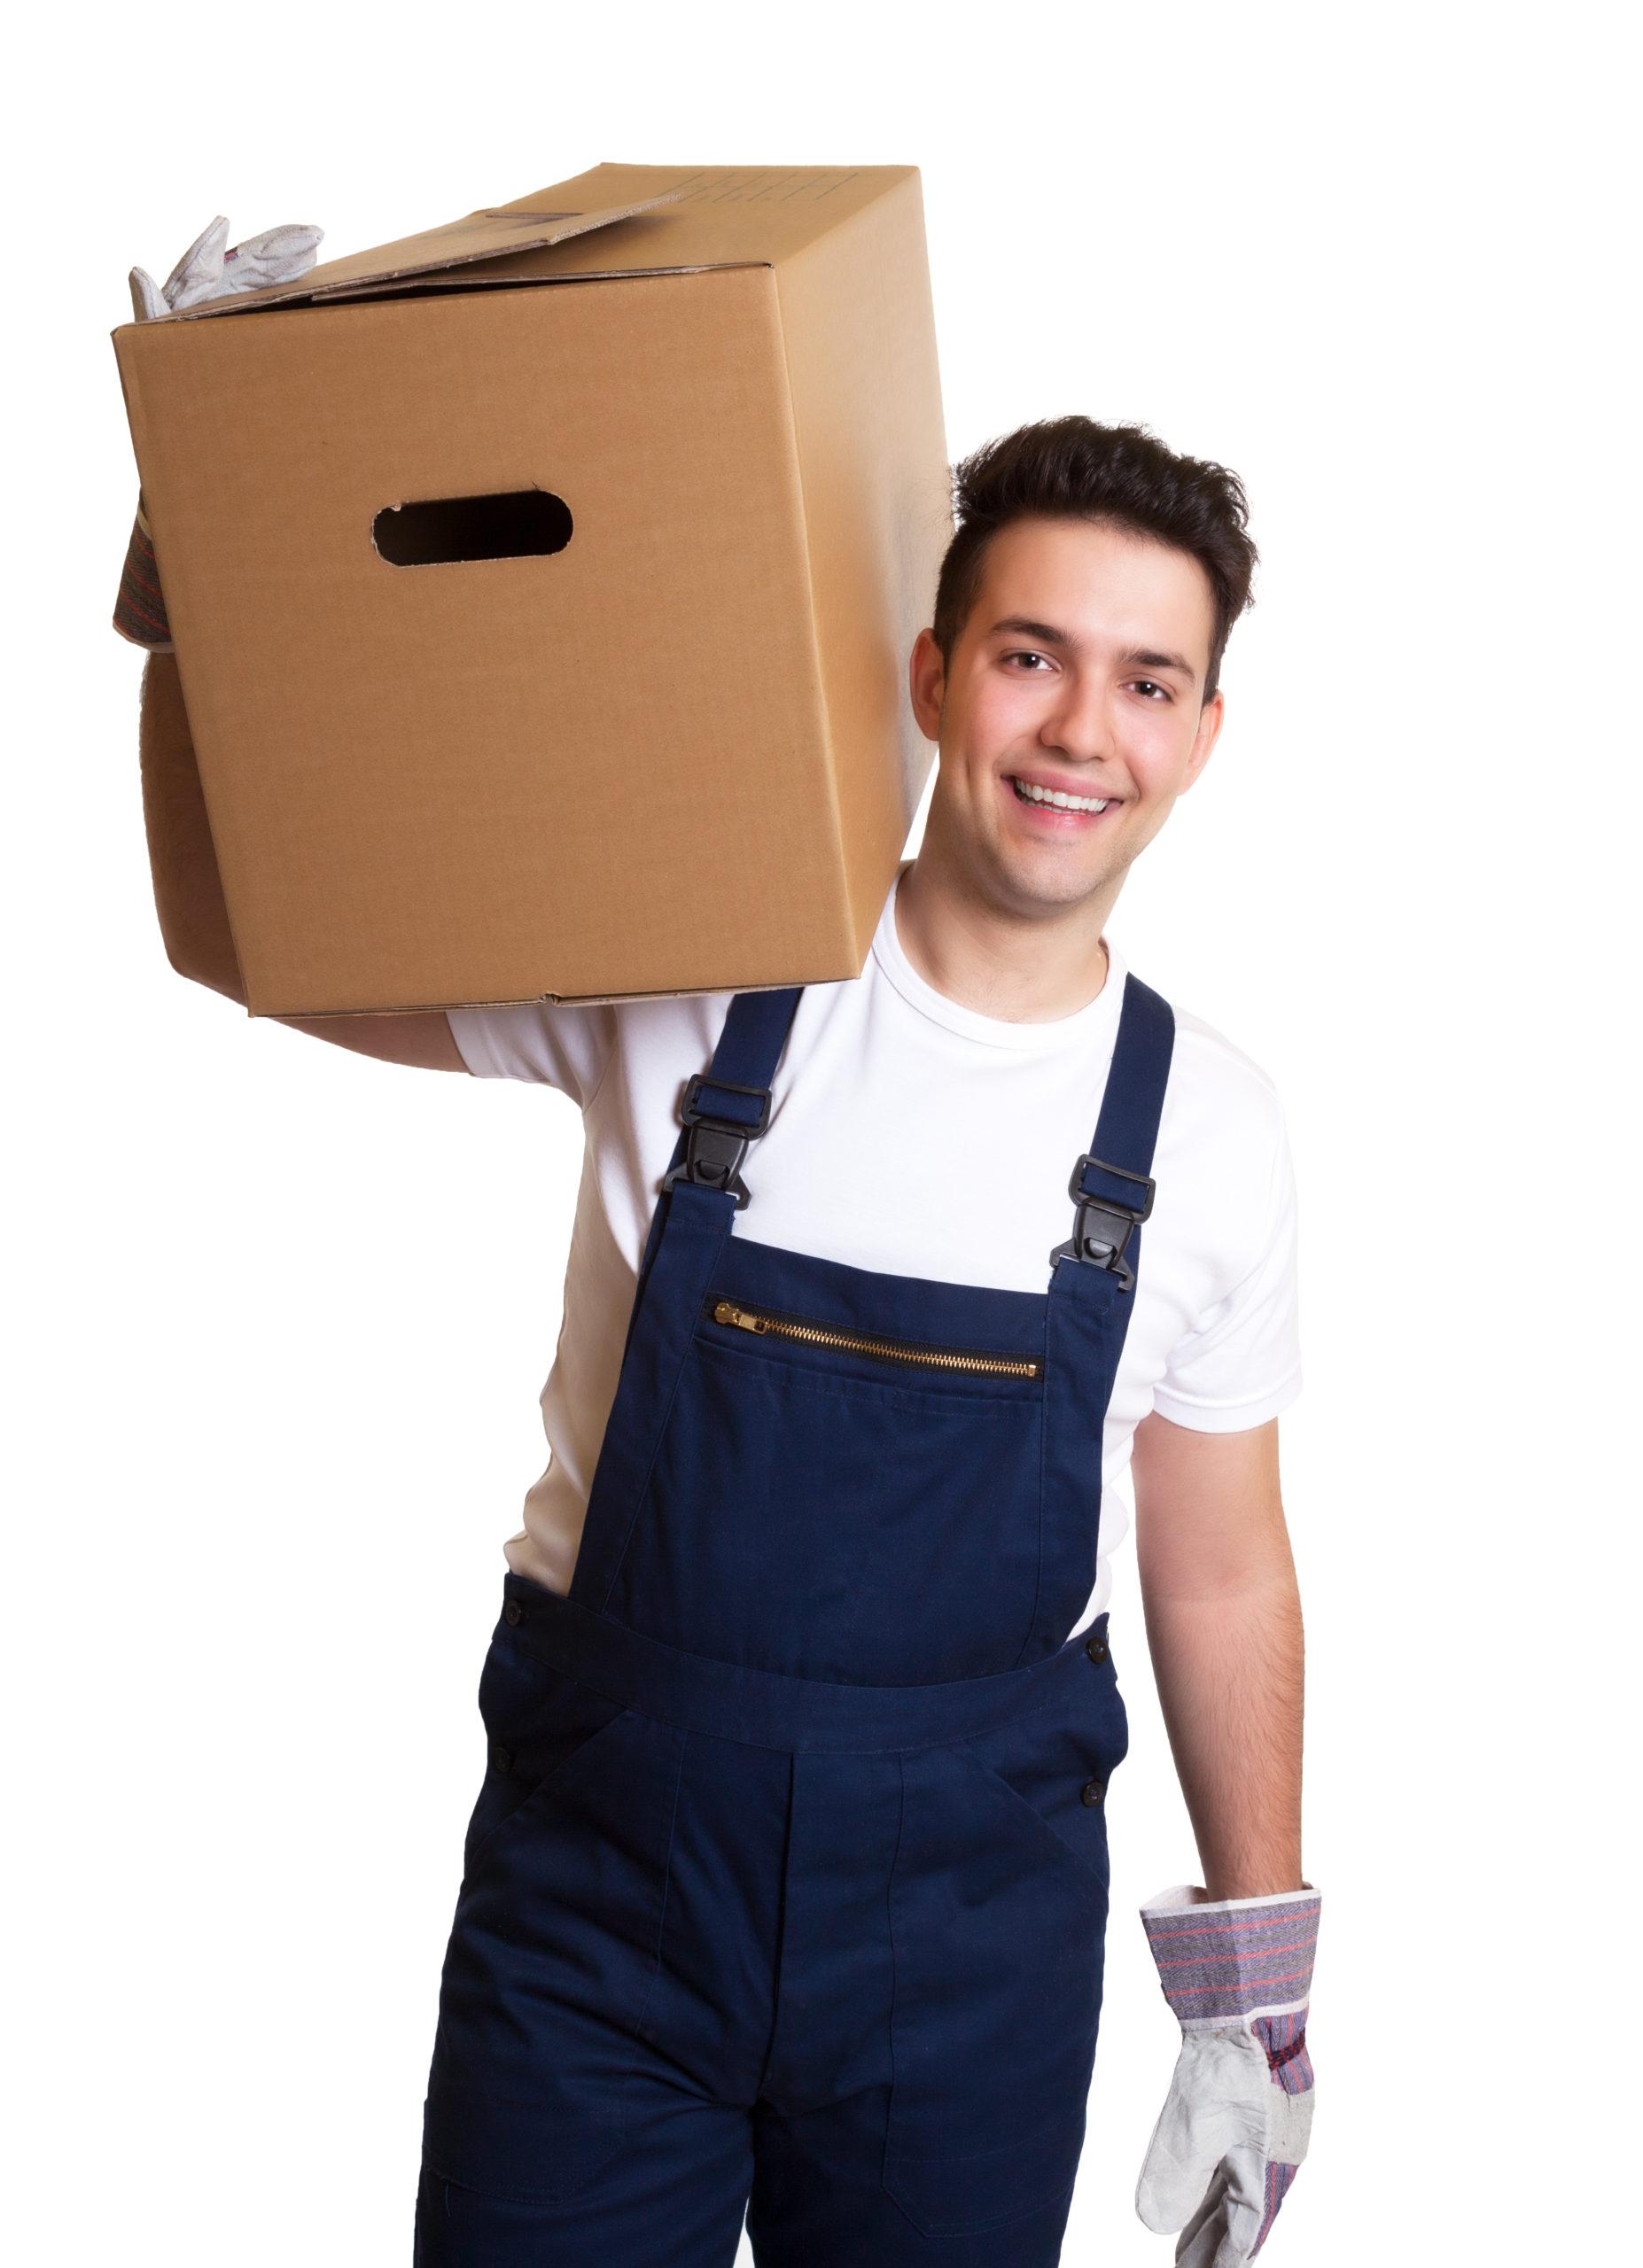 Unsere Möbelpacker sind Profis und Arbeiten für Entrümpelung Berlin.